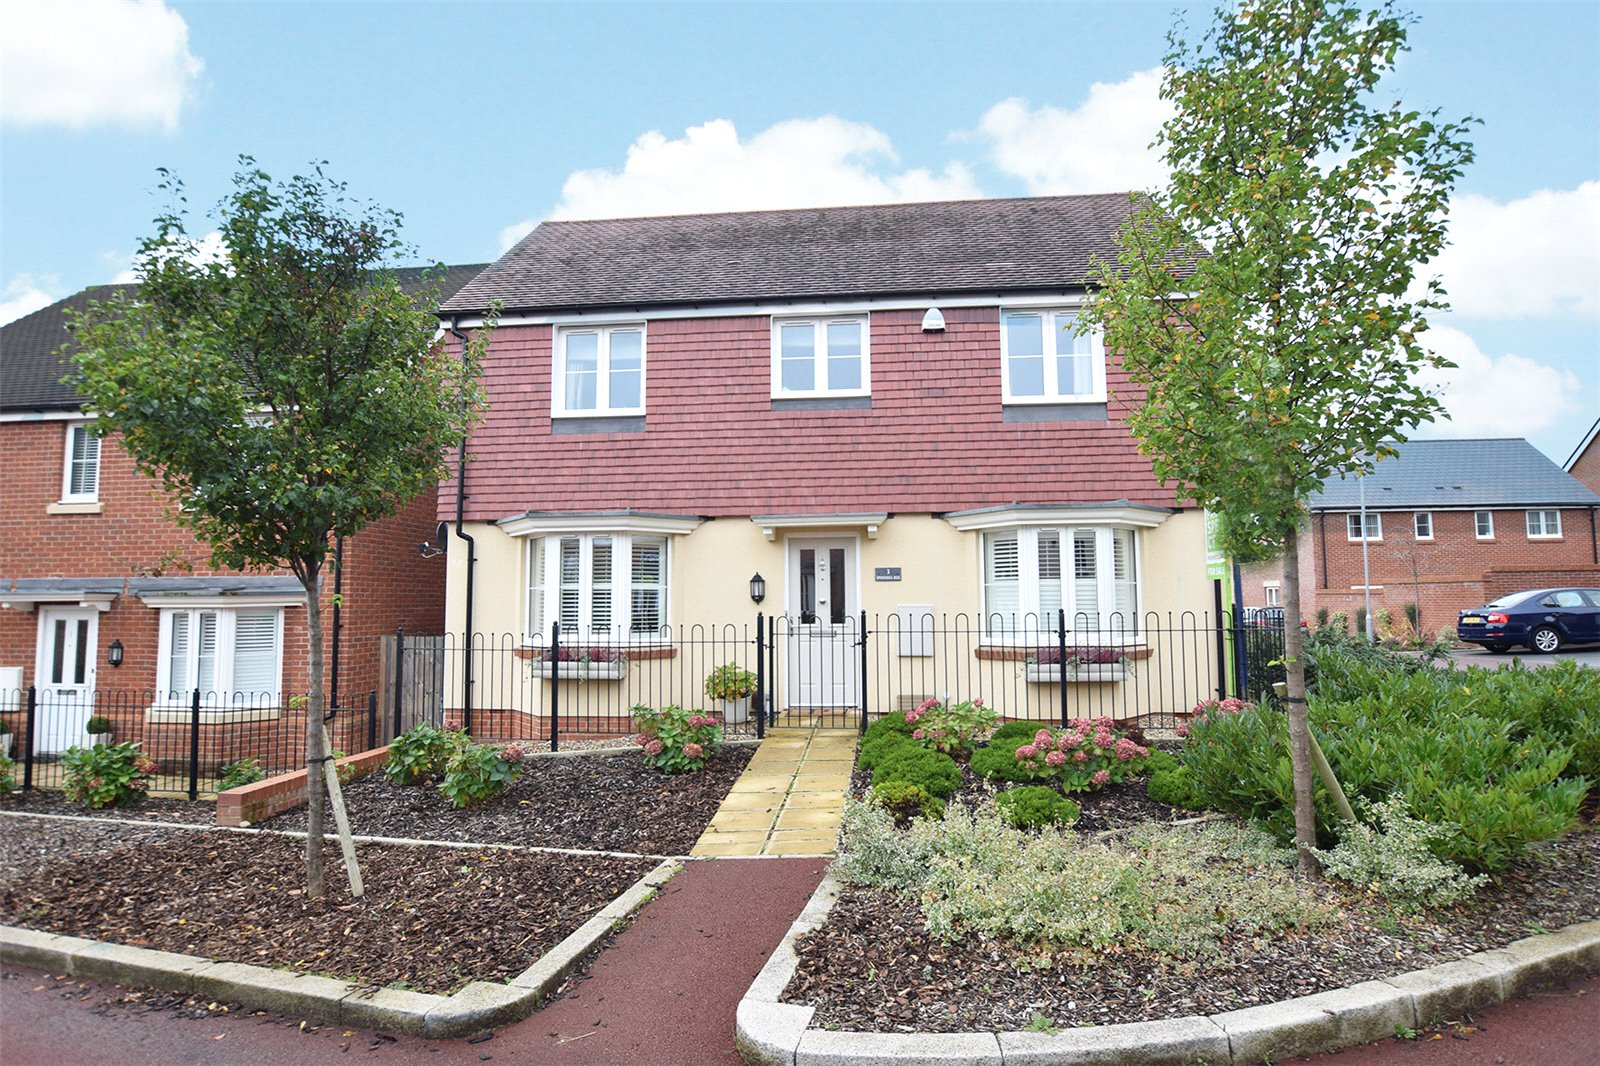 4 Bedrooms Detached House for sale in Spoonbill Rise, Jennett's Park, Bracknell, Berkshire, RG12